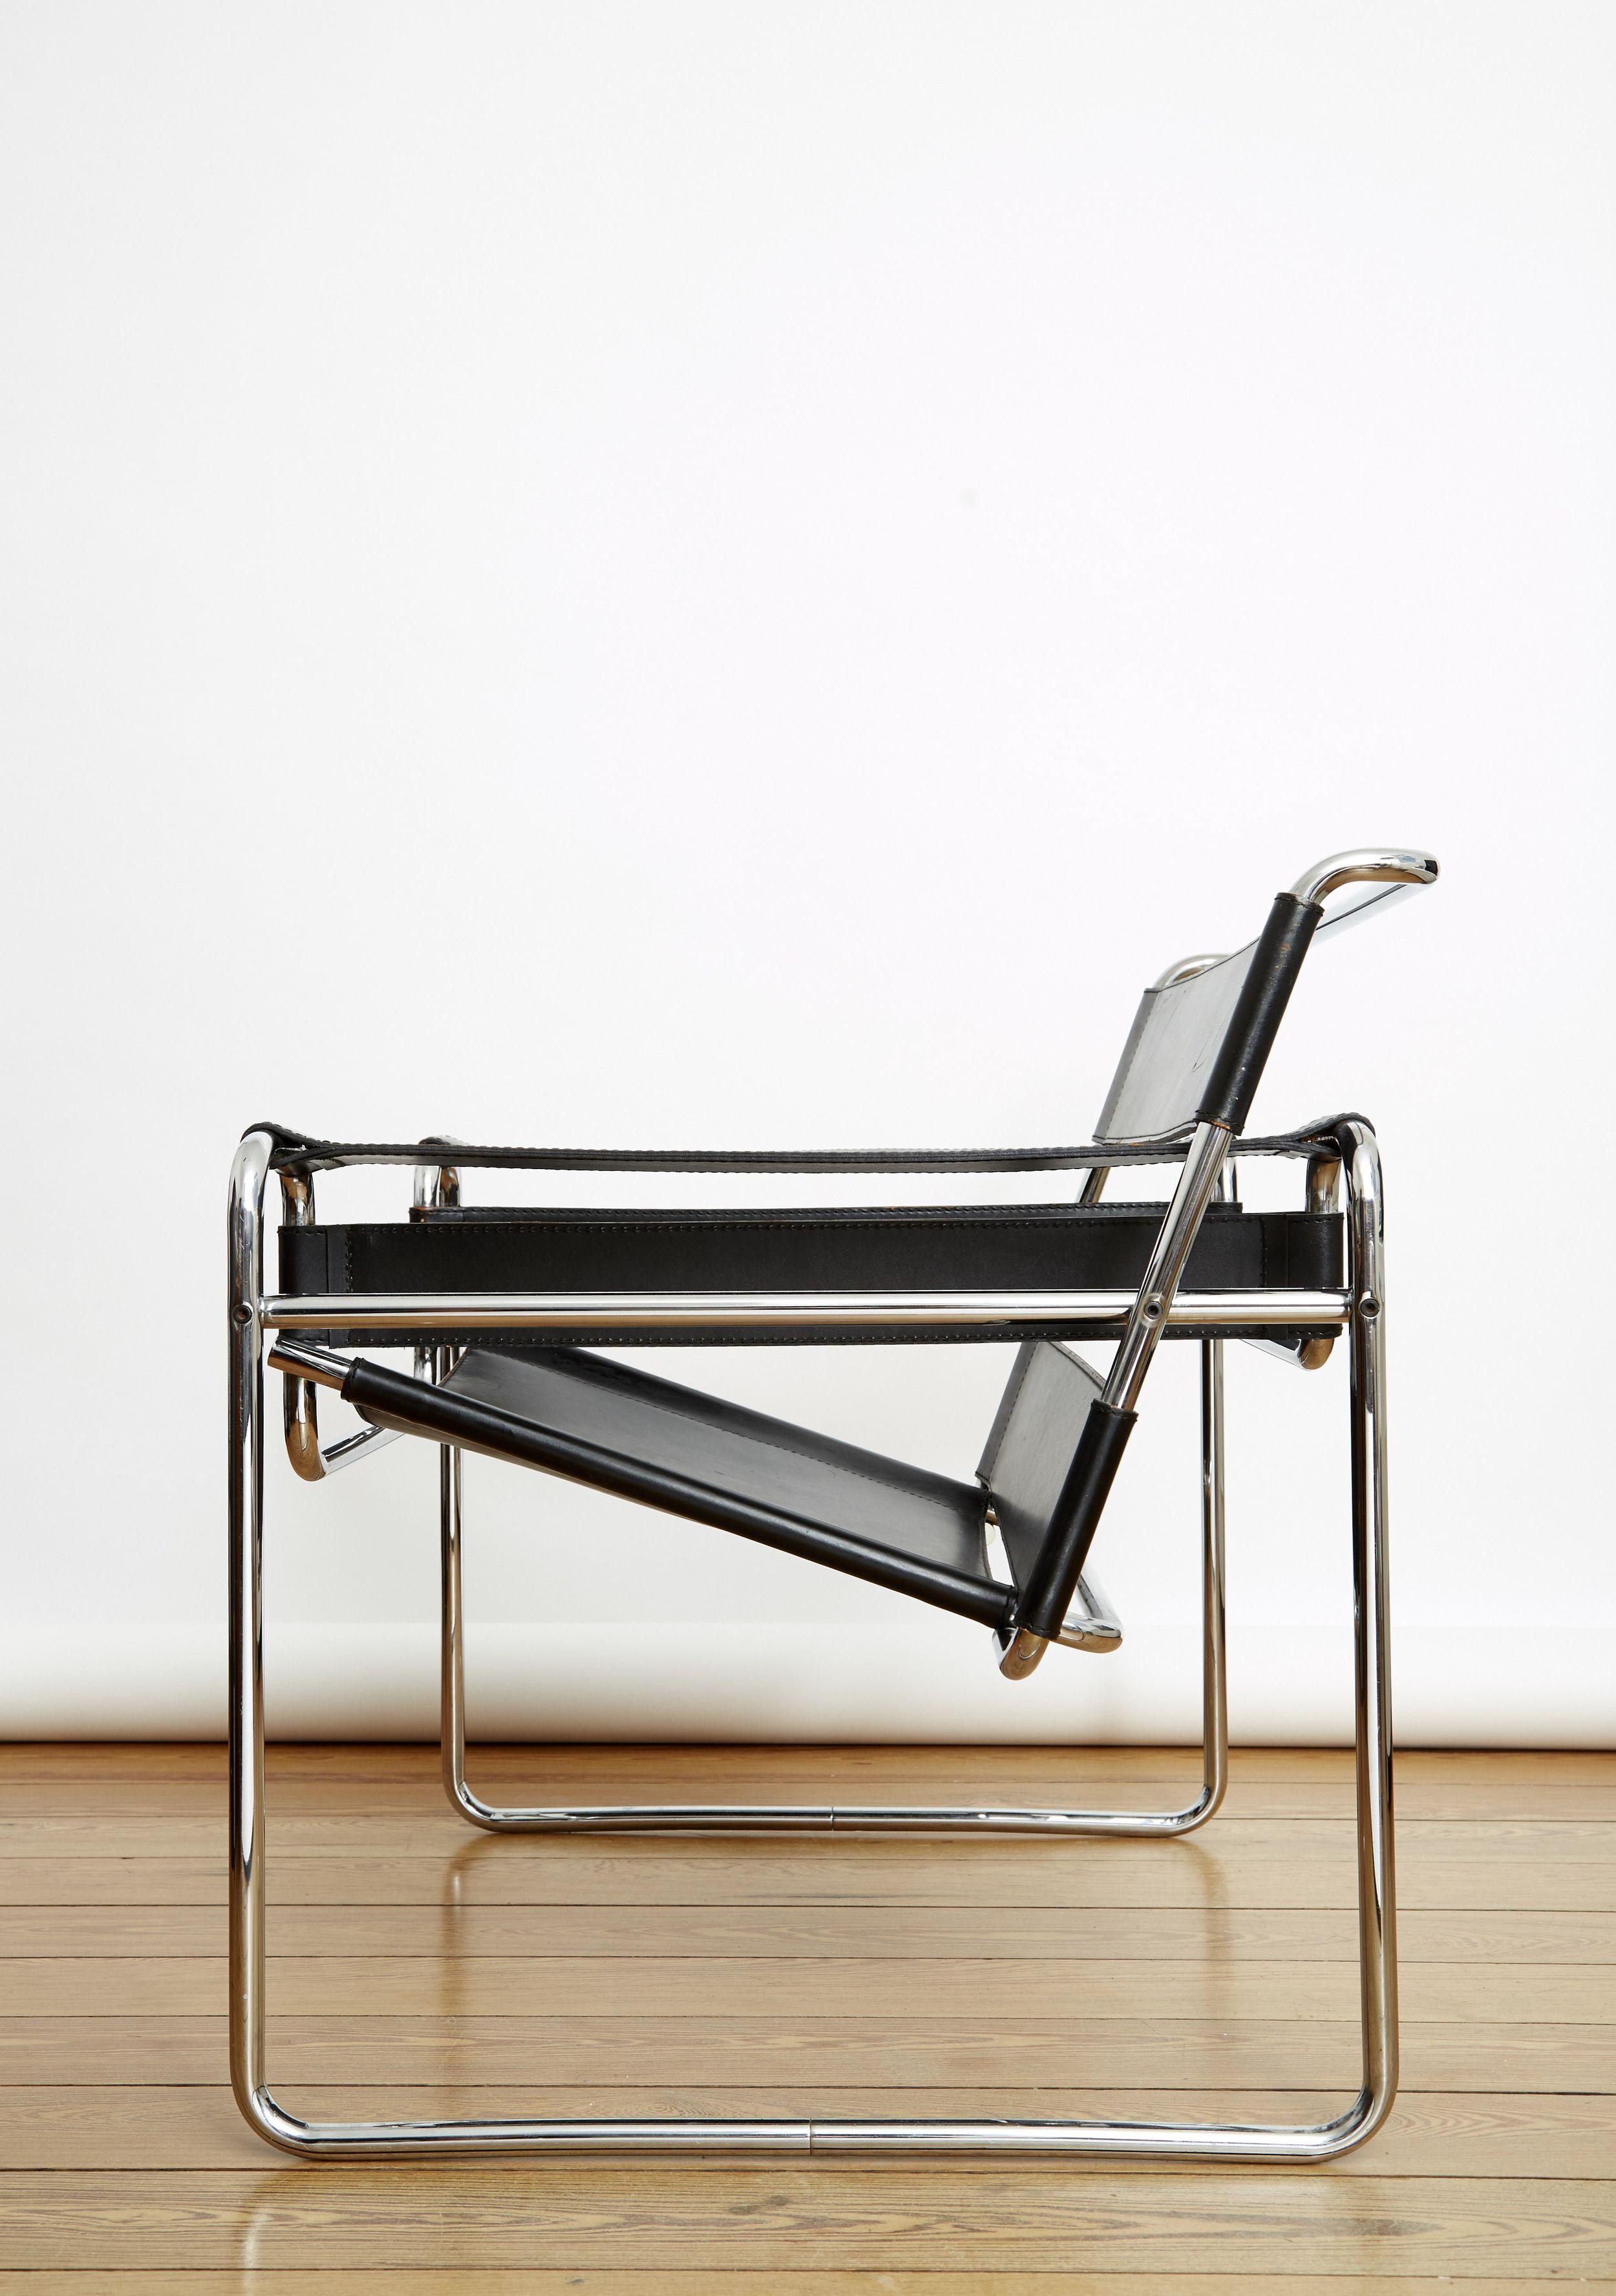 Bauhaus chair breuer - Bauhaus Marcel Breuer Wassily Chair